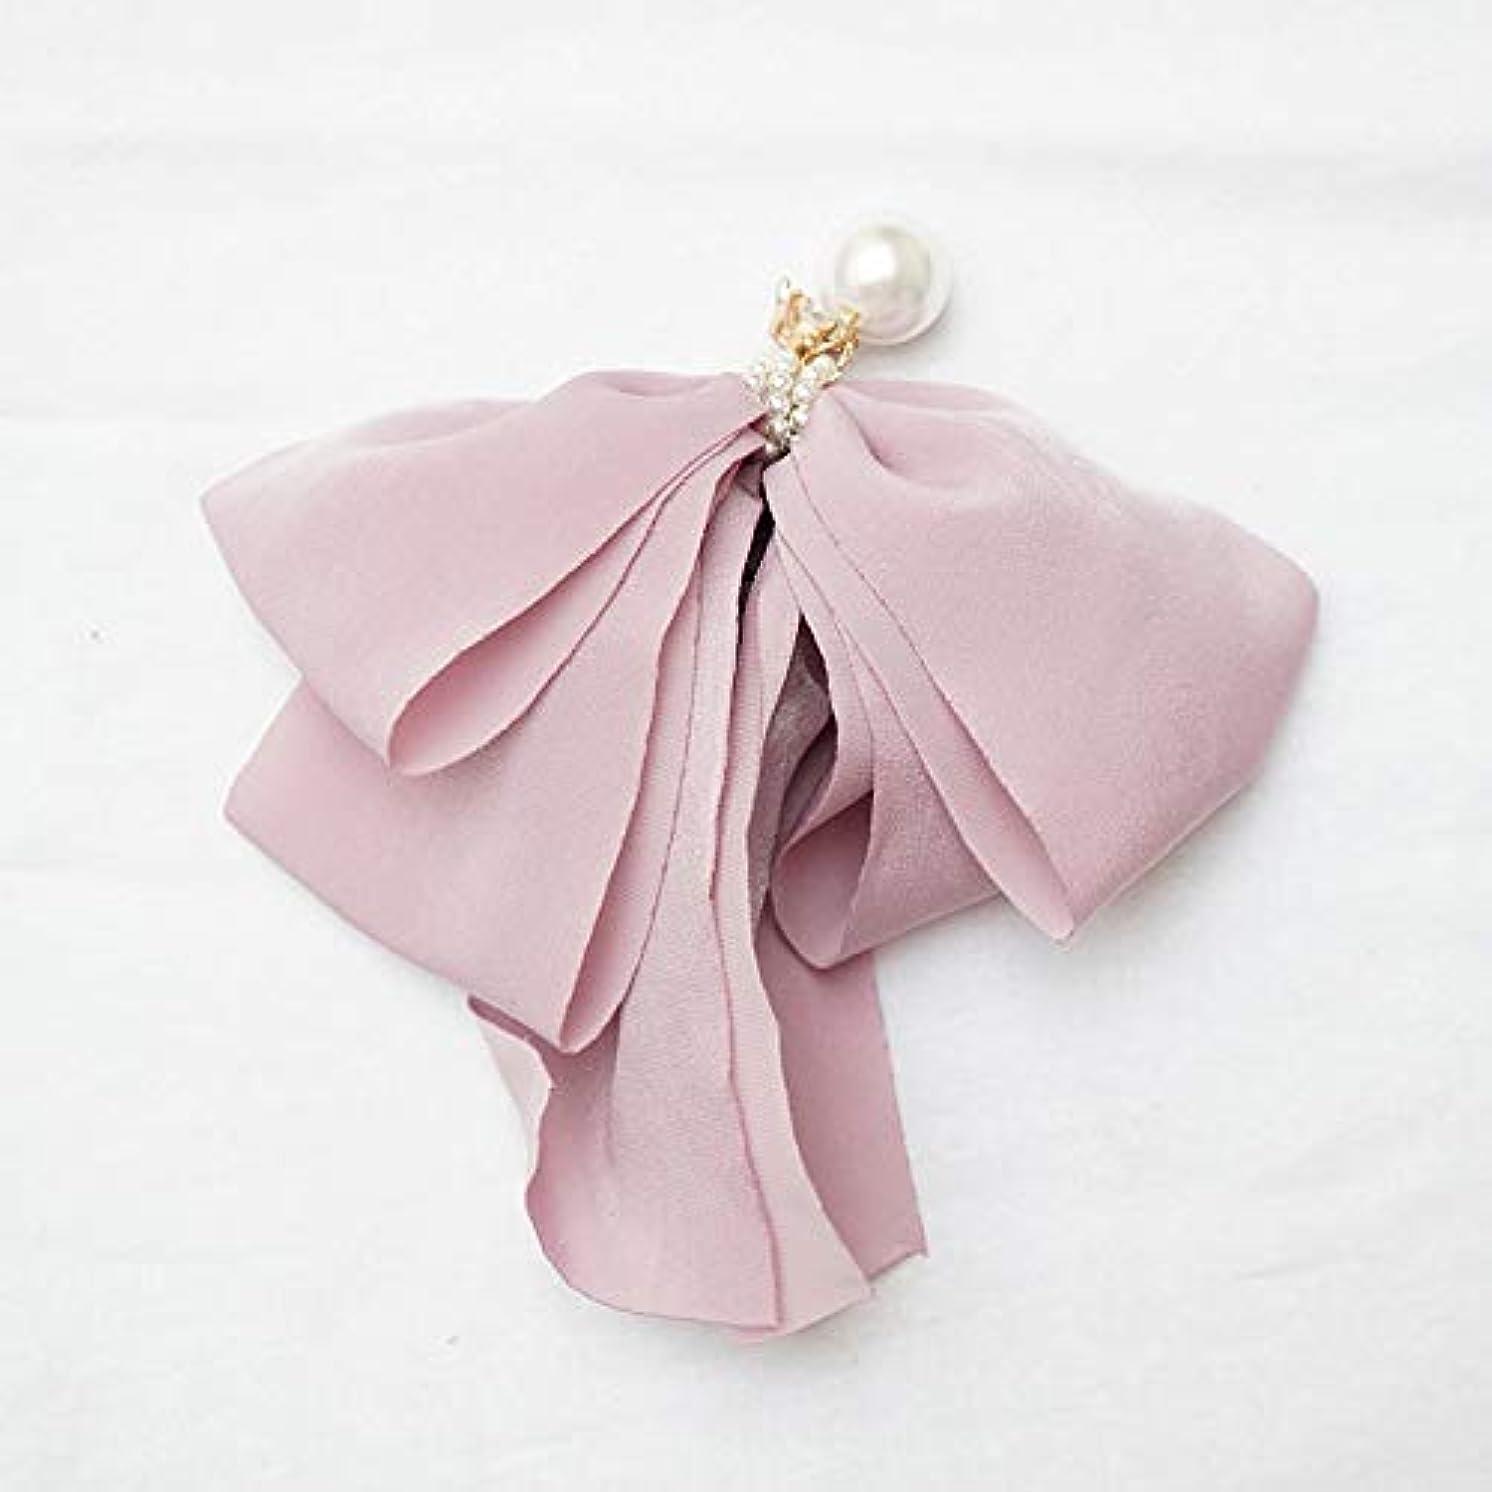 ランプ暖炉男らしさHuaQingPiJu-JP ファッションロゼットヘアピン便利なヘアクリップ女性の結婚式のアクセサリー(パープル)